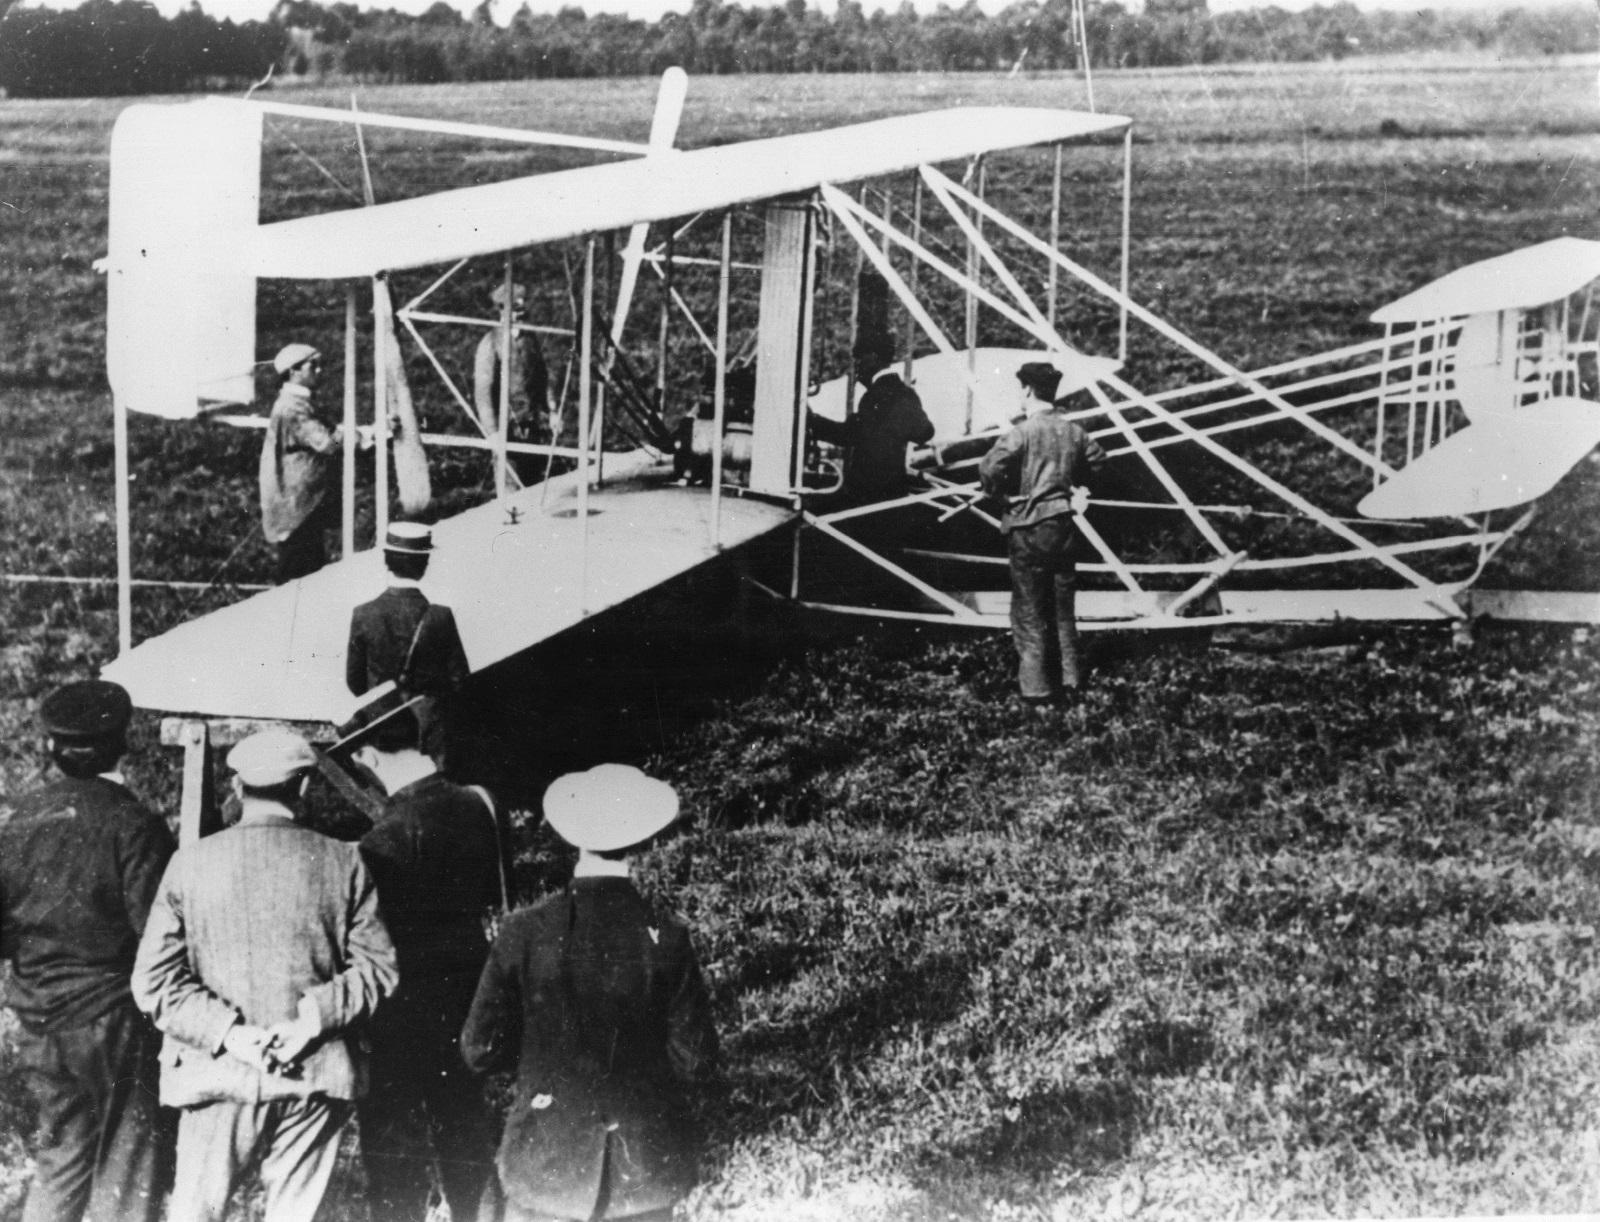 Двамата толкова много си играли с малките си играчки във формата на хеликоптер, че решават да си направят собствена летателна машина. През 1903 те осъществяват първият успешен опит с моторен хеликоптер.